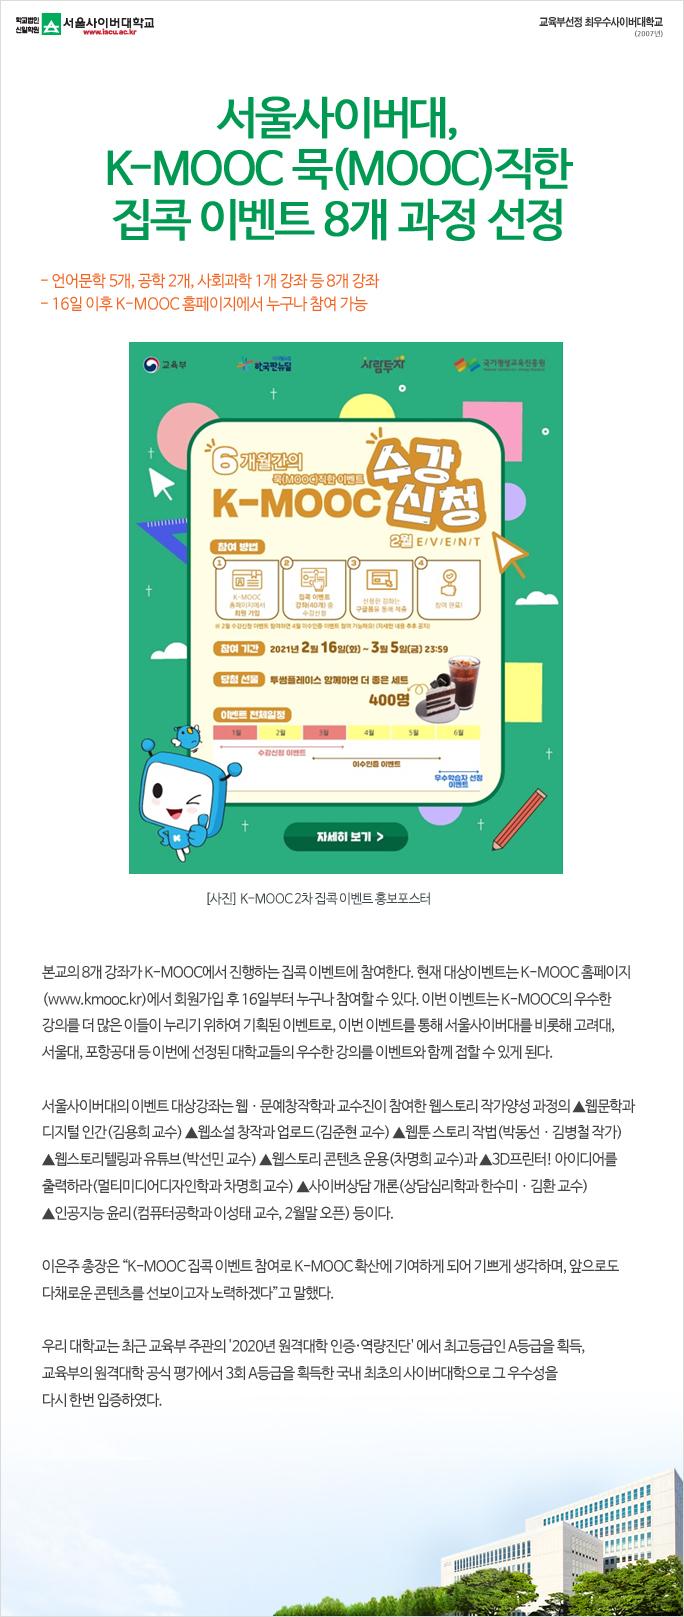 서울사이버대, K-MOOC 묵(MOOC)직한 집콕 이벤트 8개 과정 선정